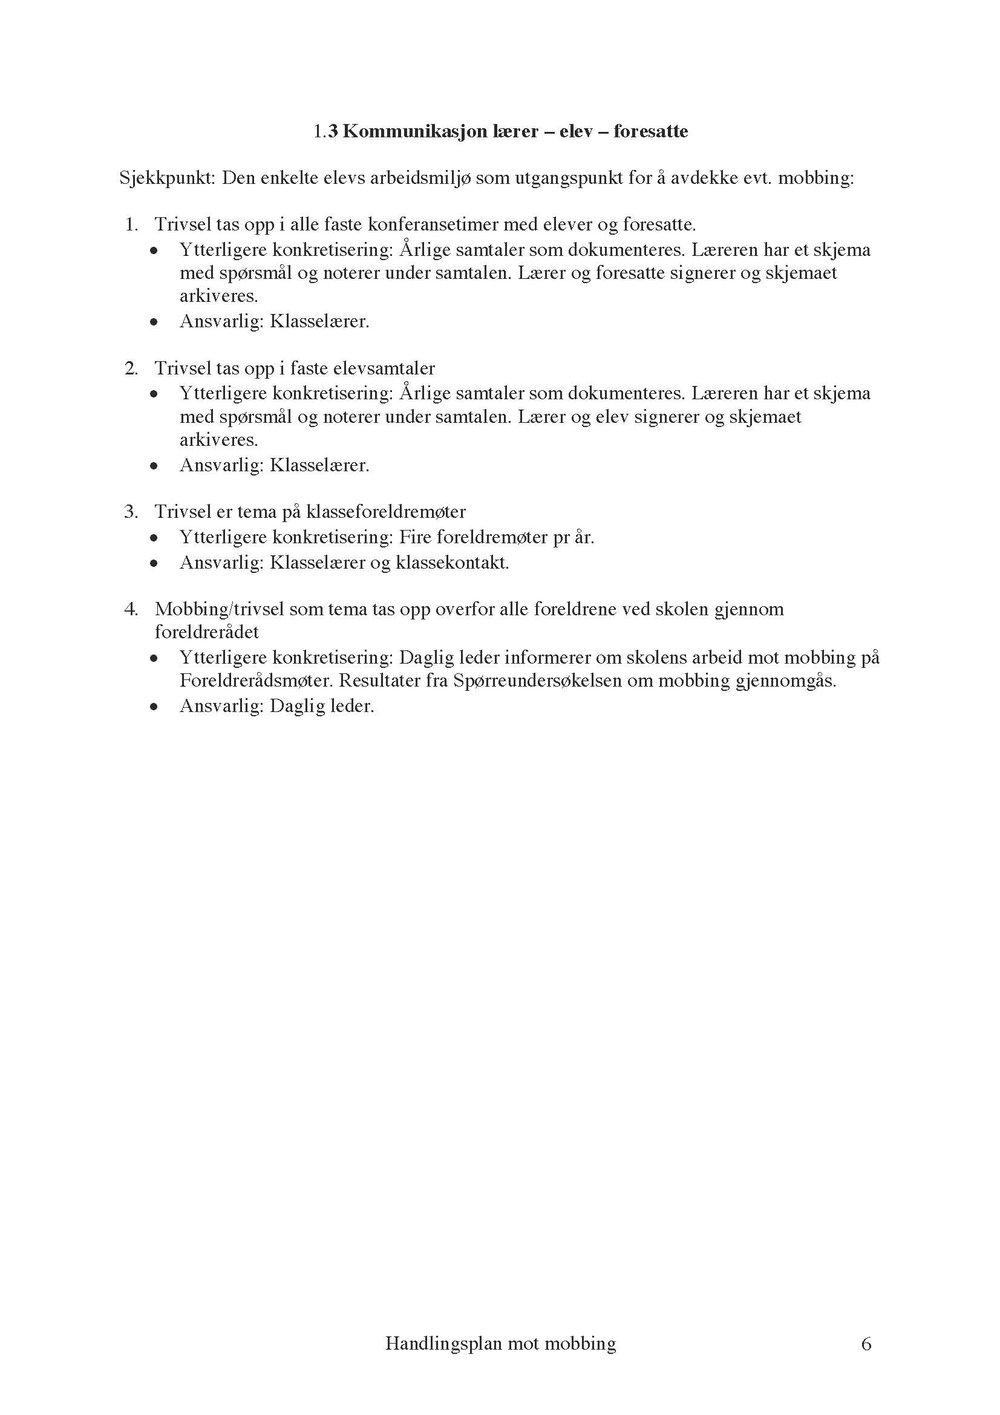 Handlingsplan mot mobbing _Page_06.jpg